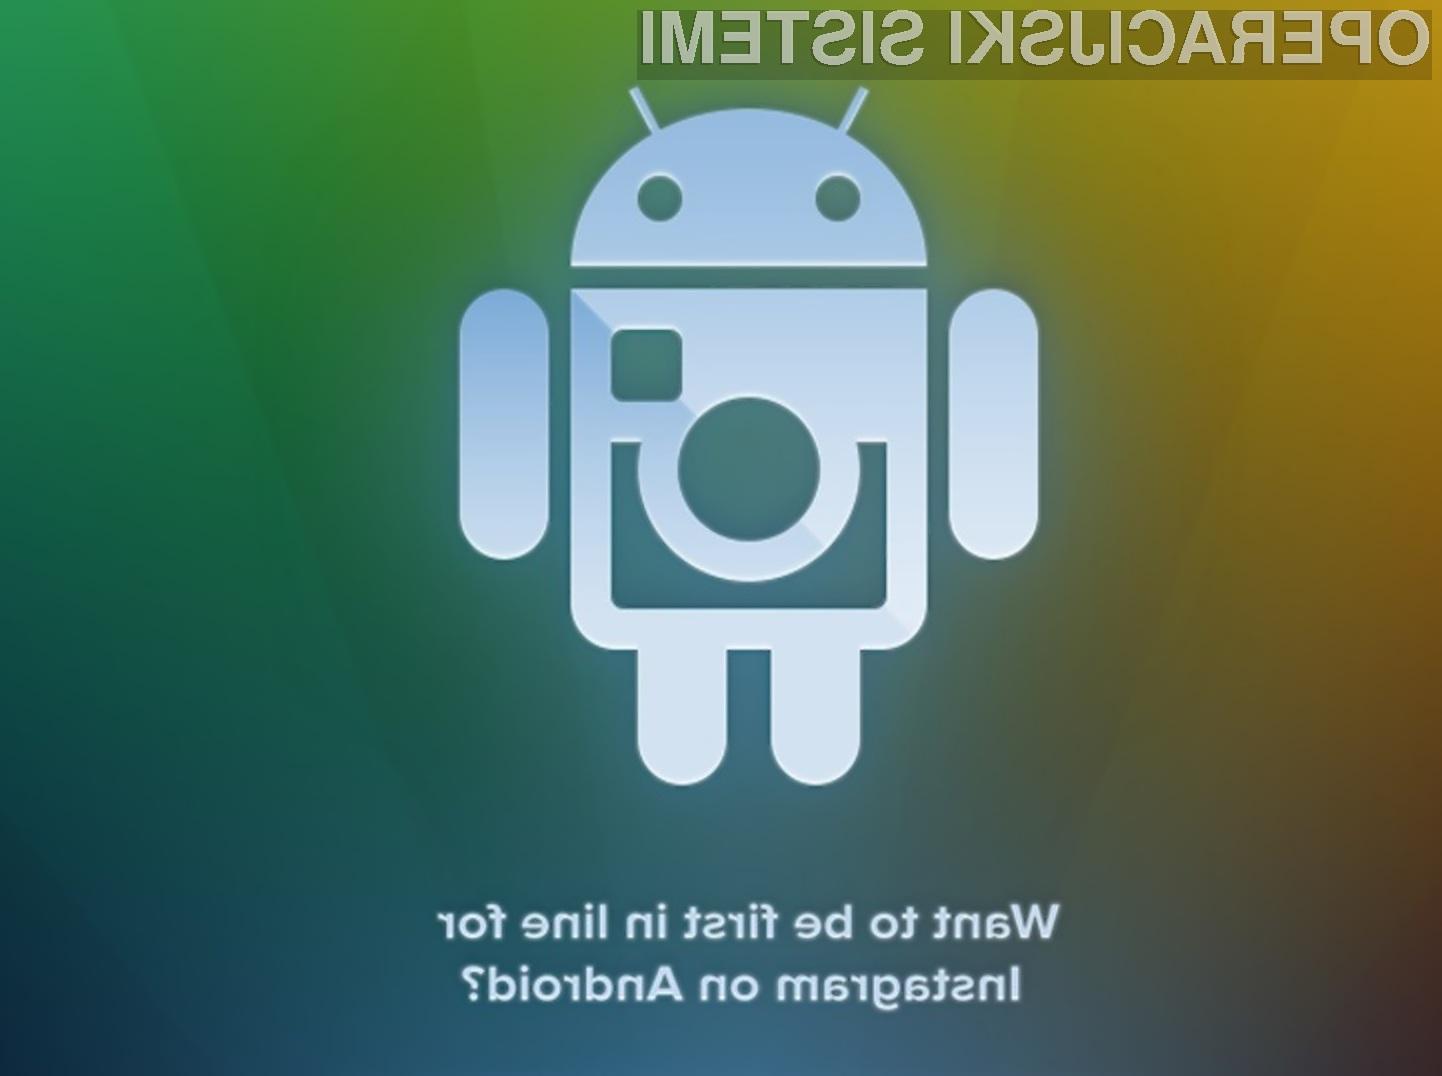 Program Instagram boste uporabniki mobilnih naprav Android preprosto morali imeti!